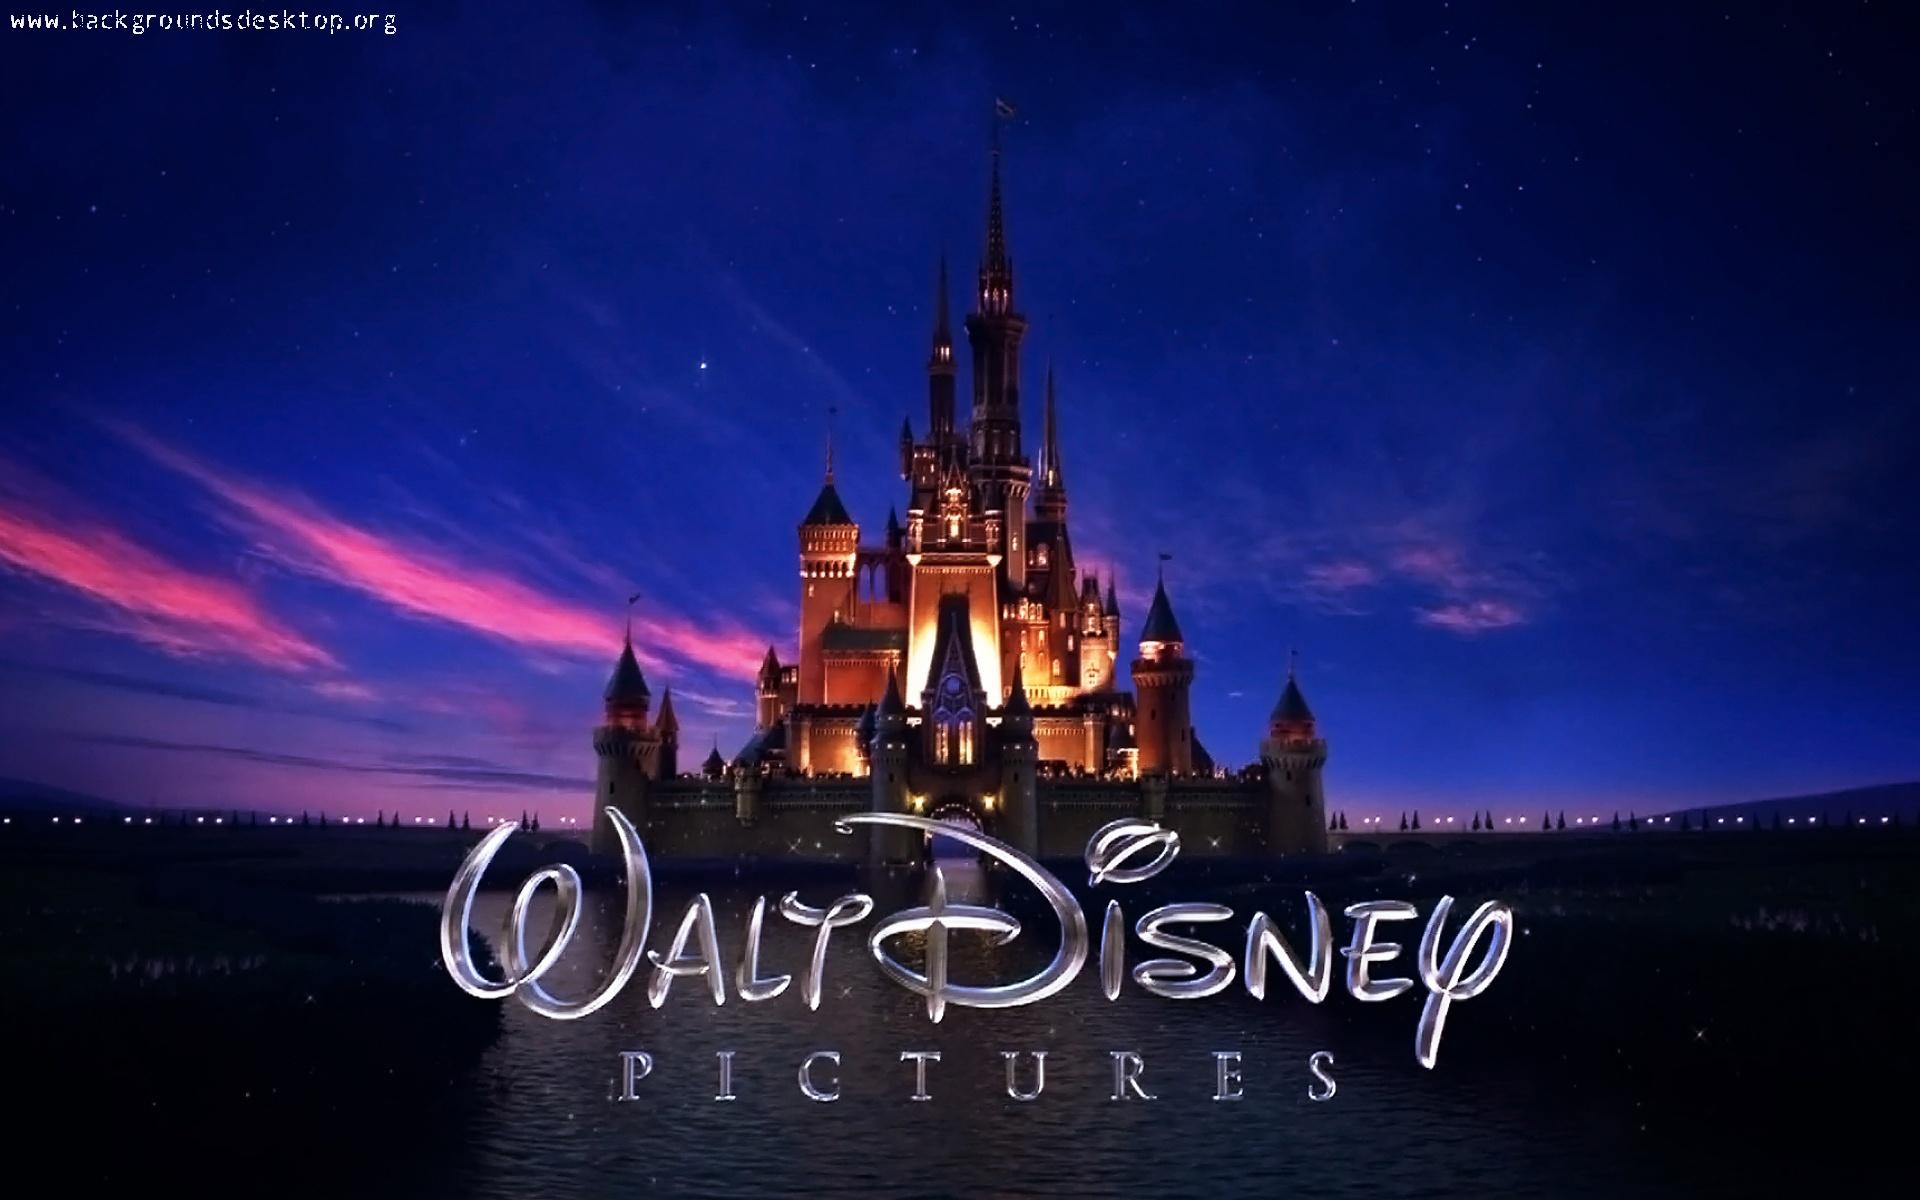 Disney Castle Wallpaper 1920x1200